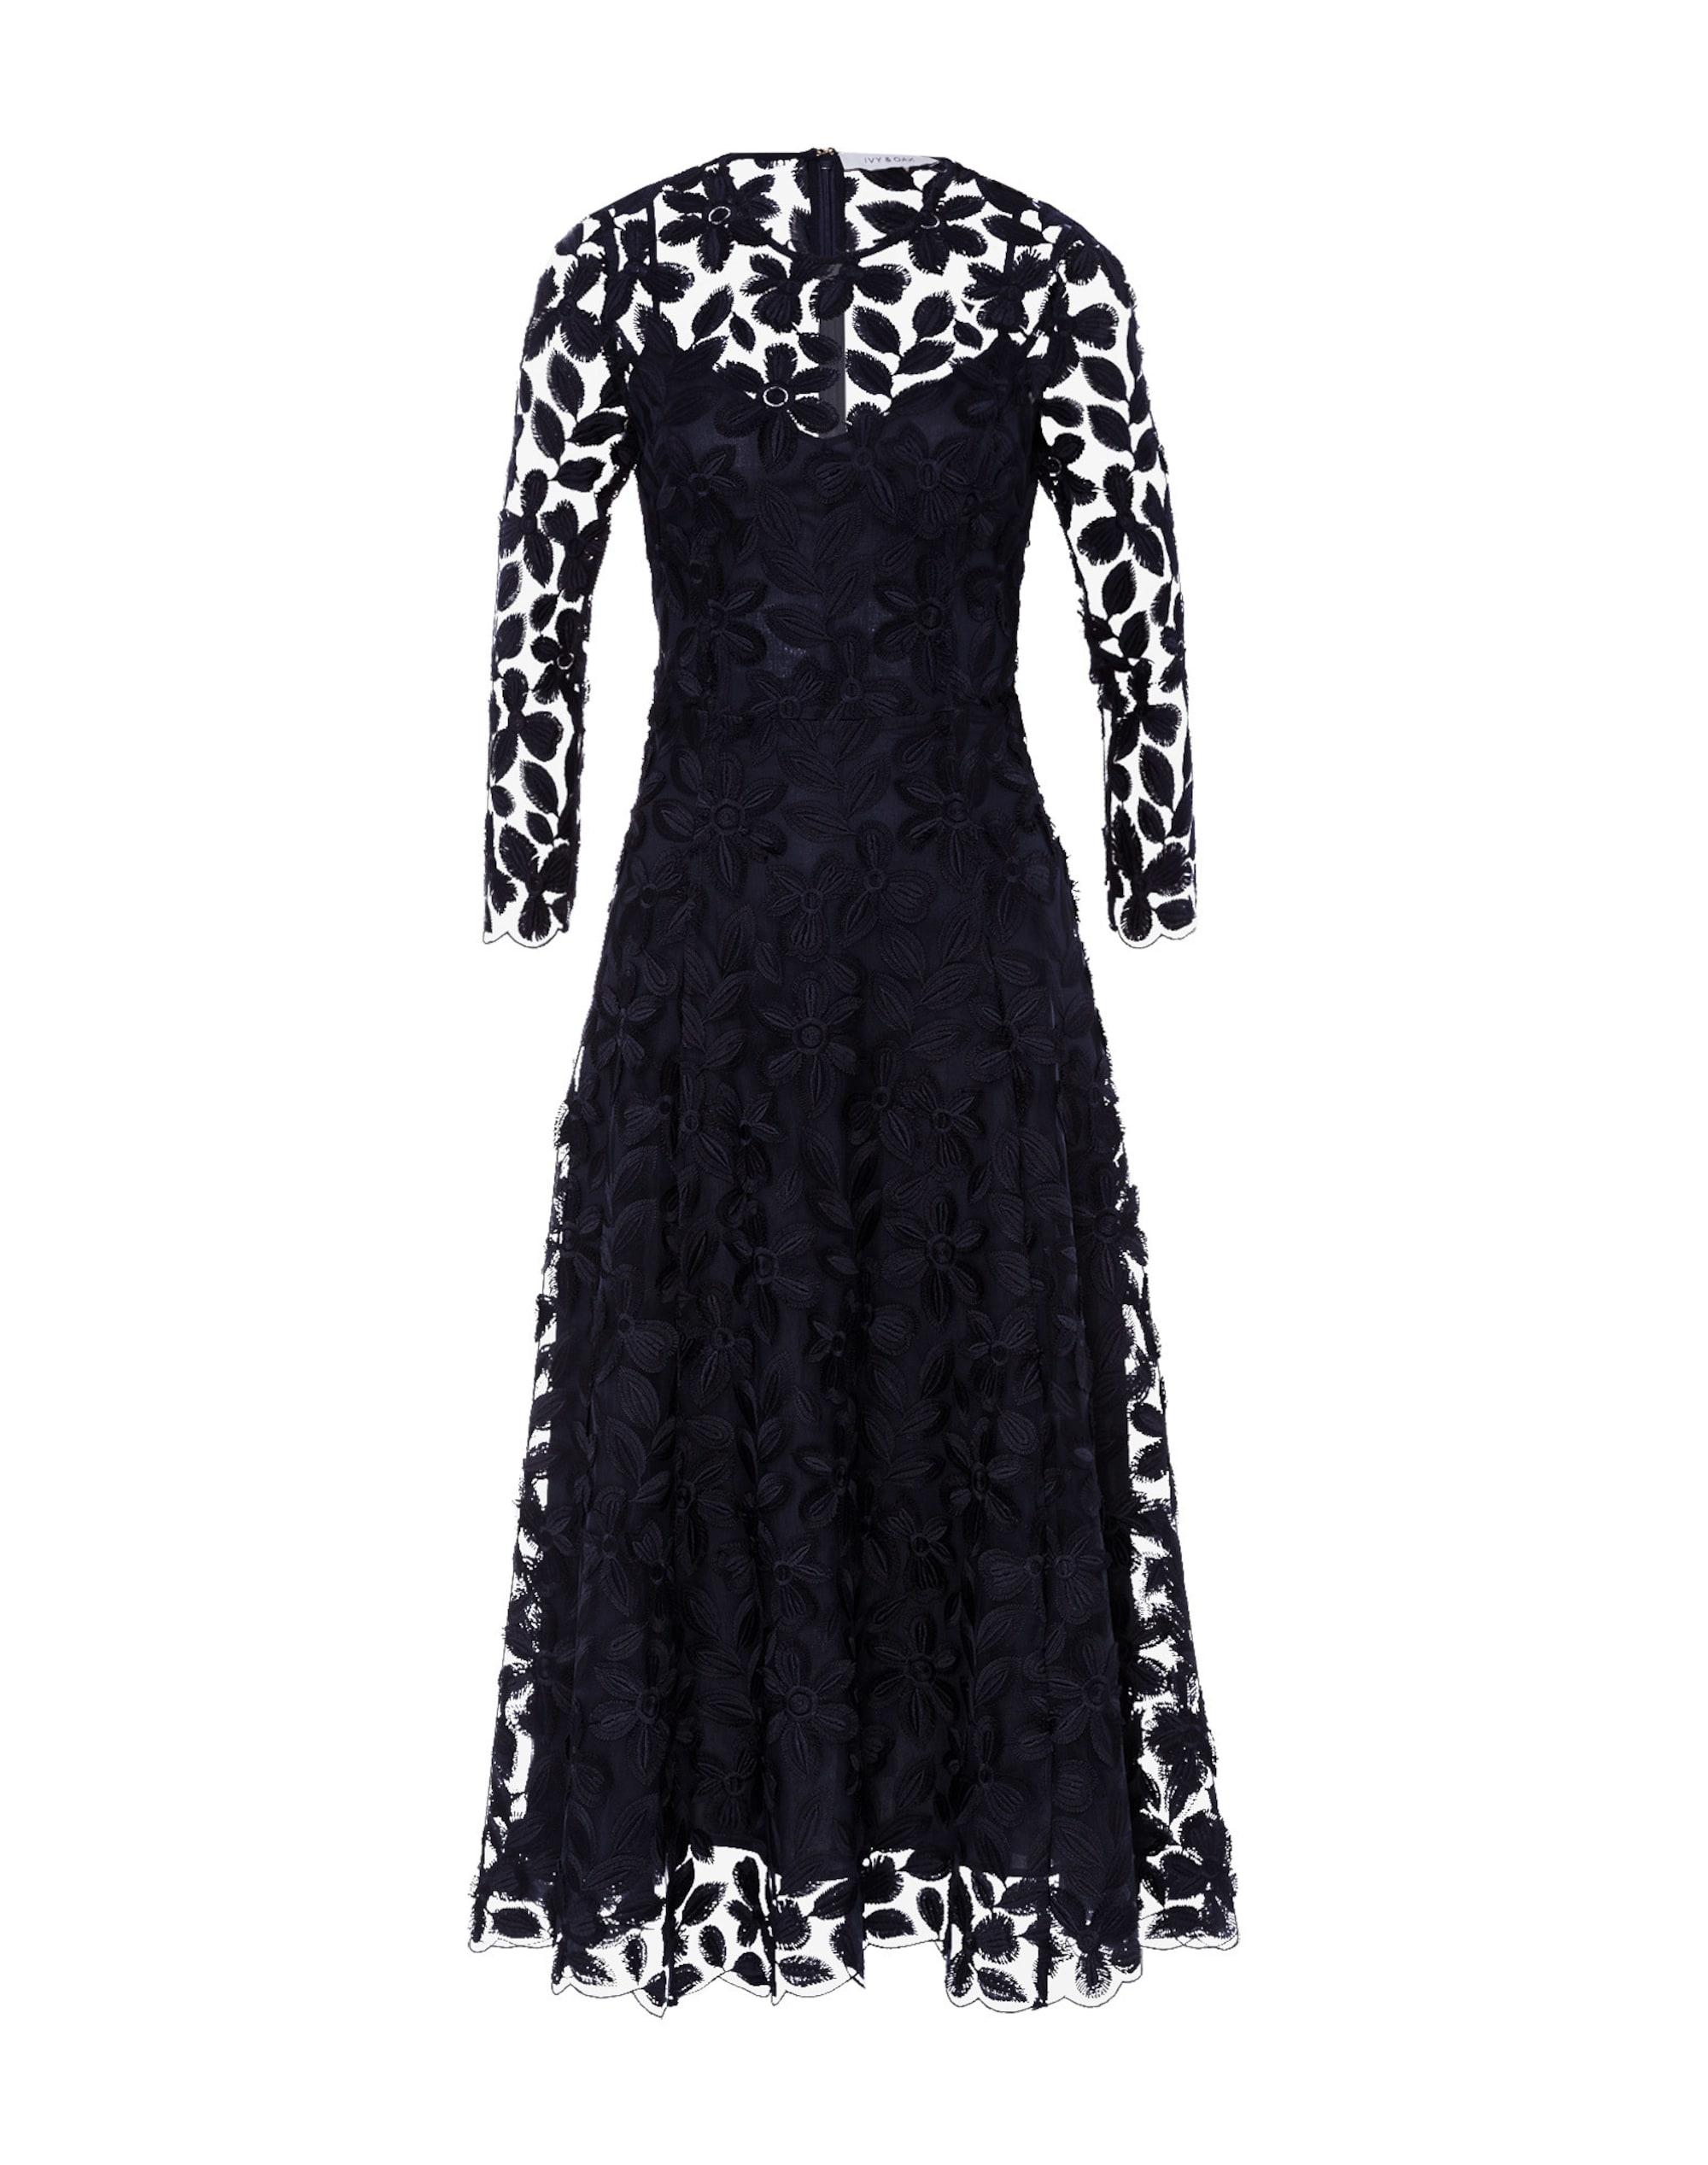 Kleid ´Embroidered´ Midi Dress